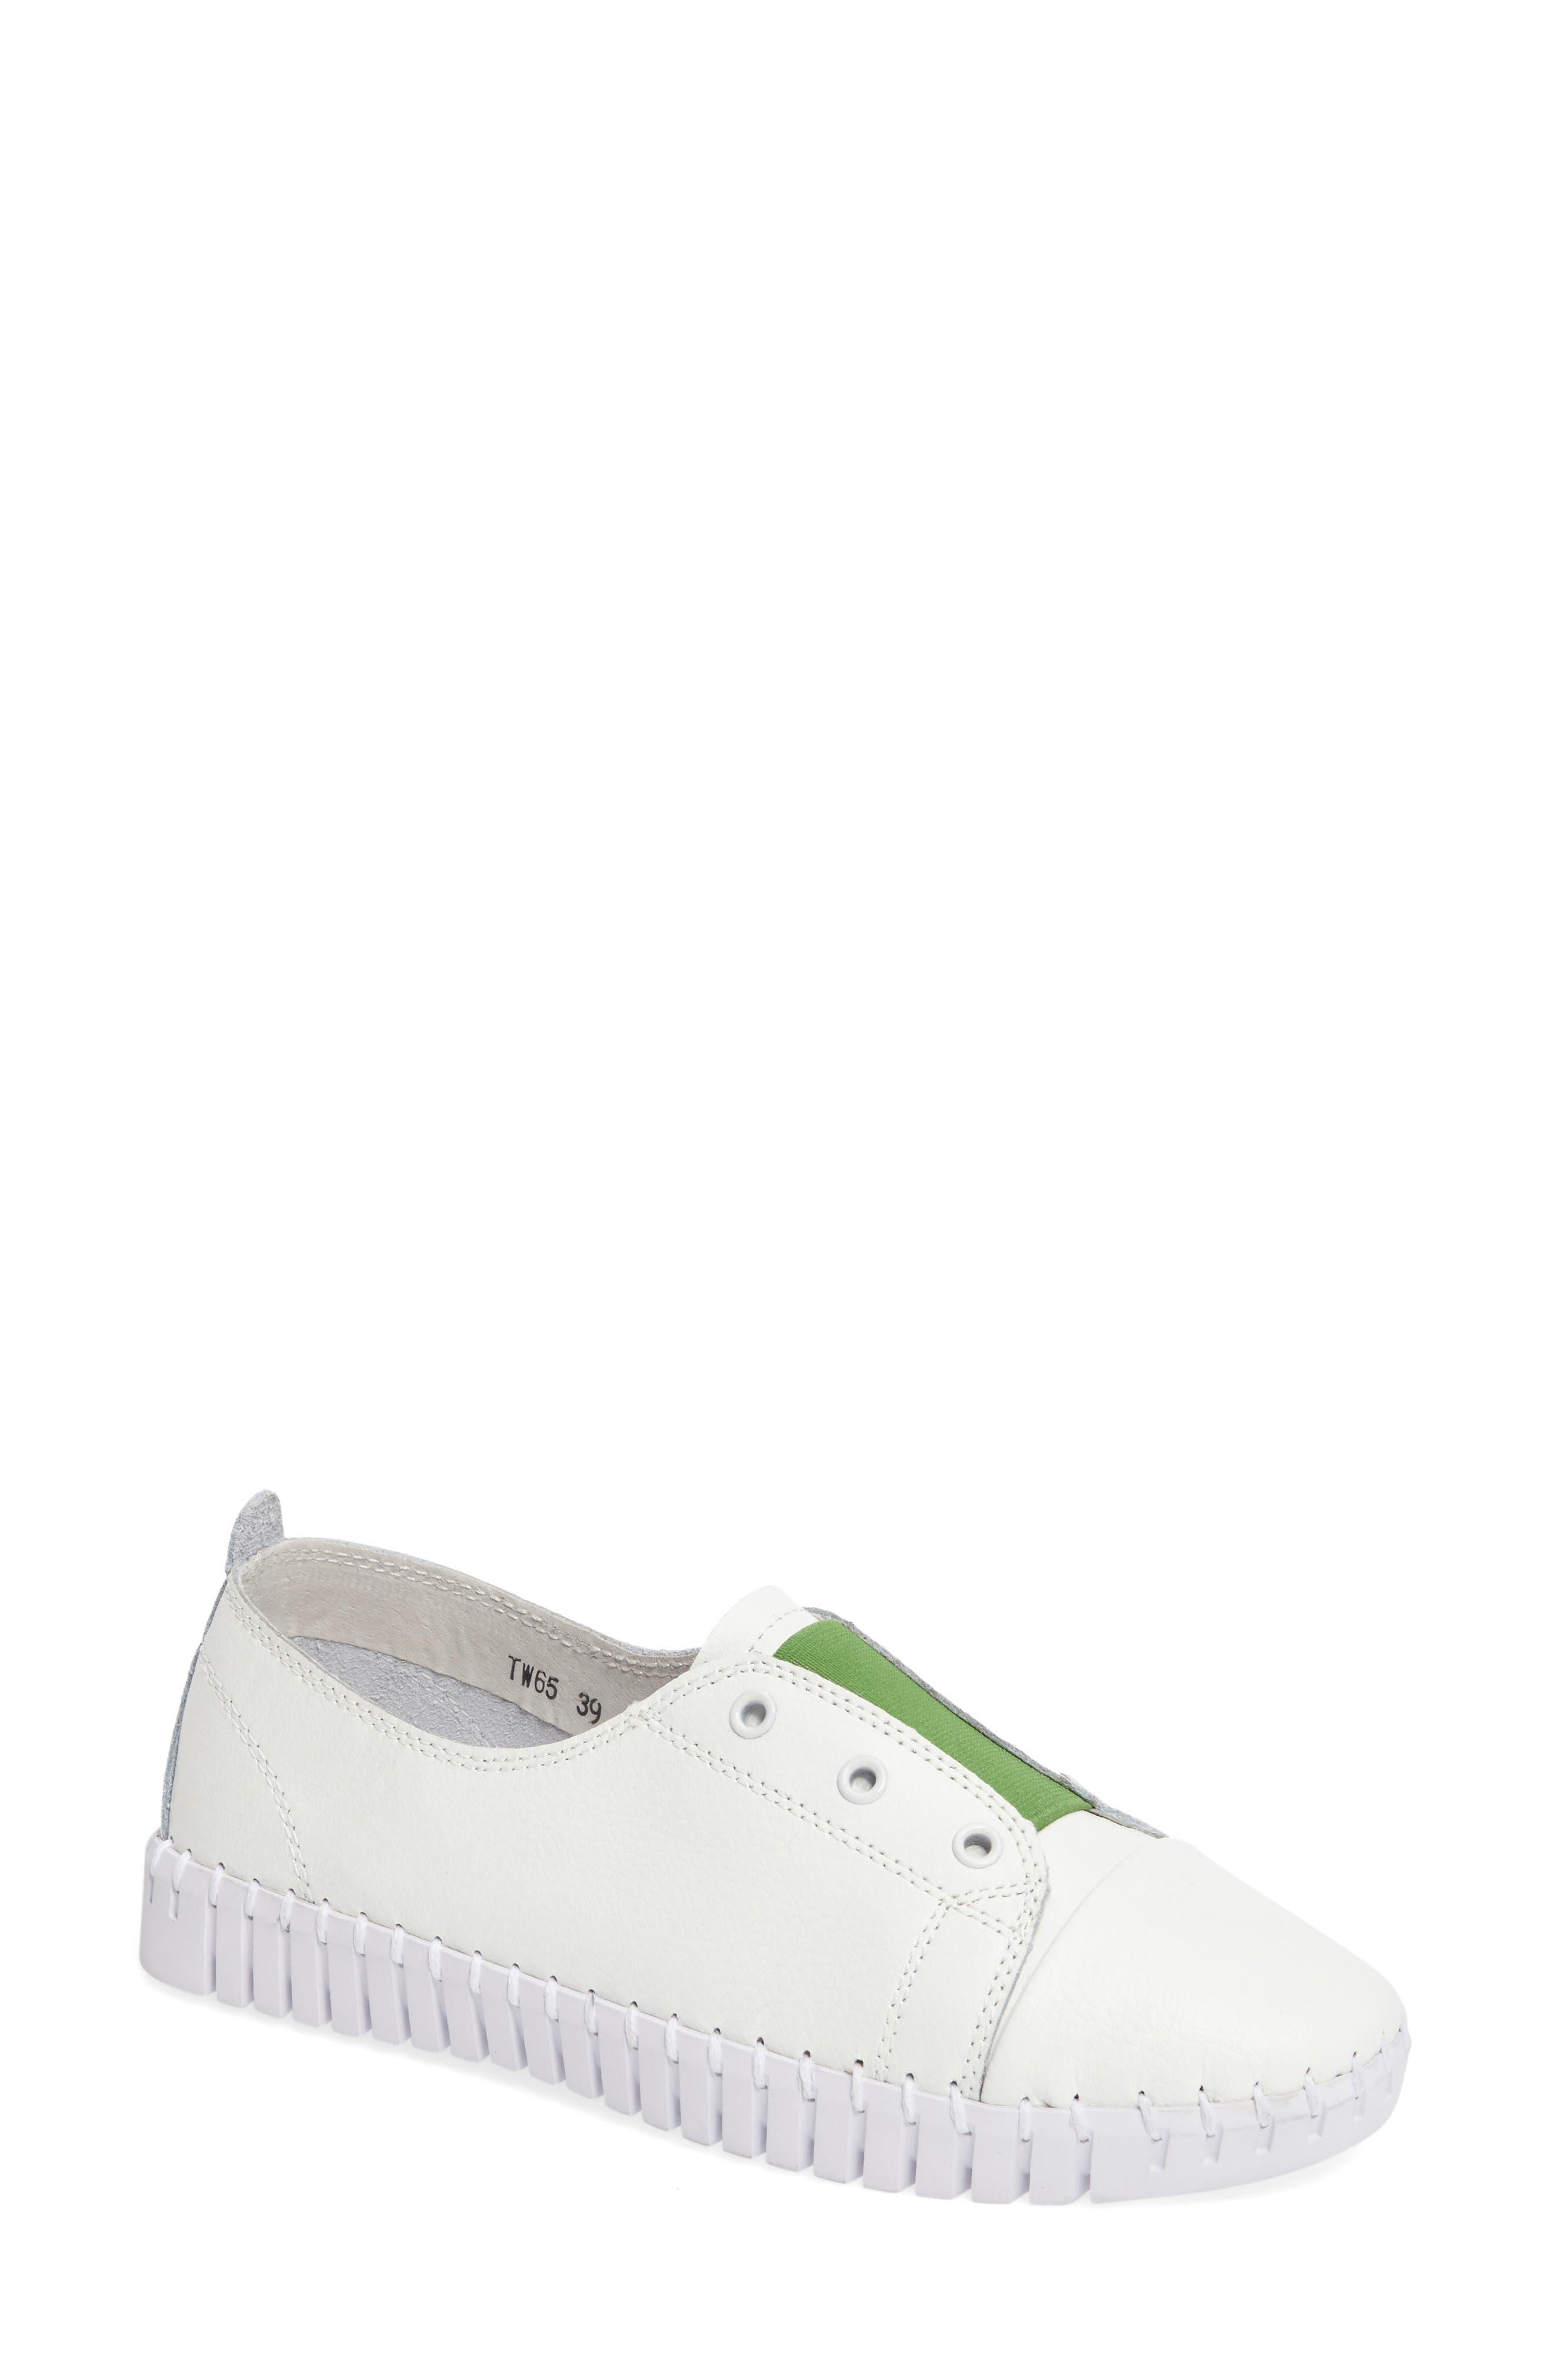 TW65 Slip-On Sneaker,                         Main,                         color, 100